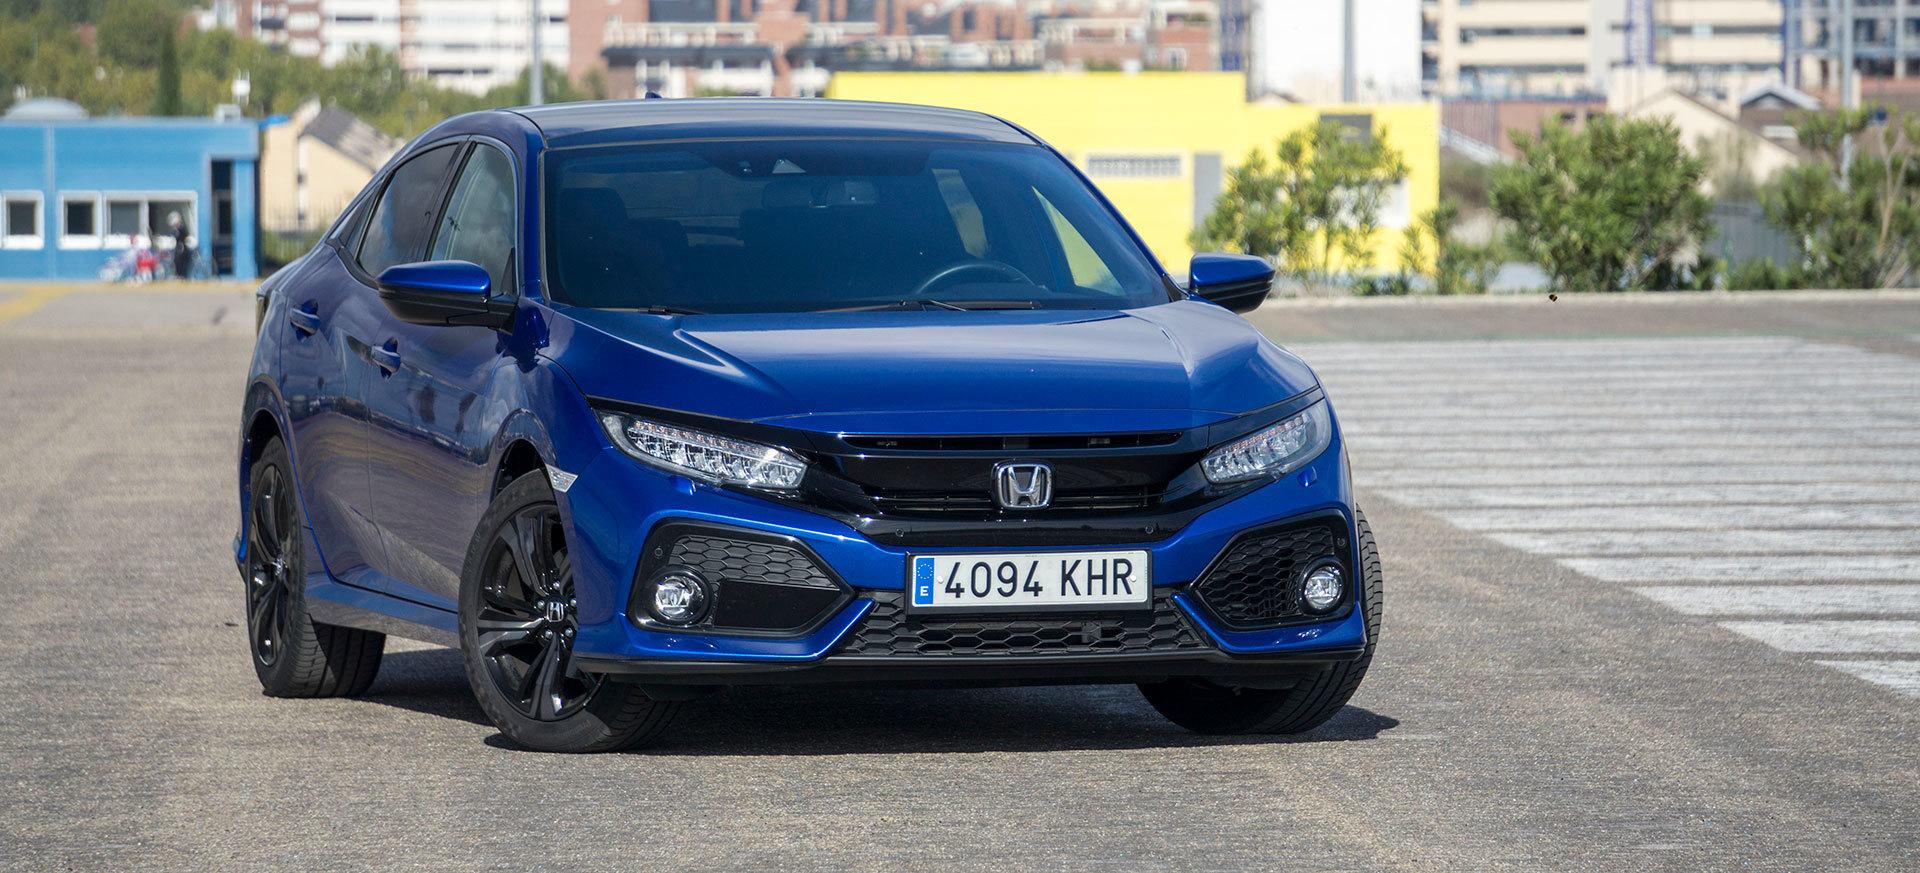 Honda Civic Diesel 2019 Prueba